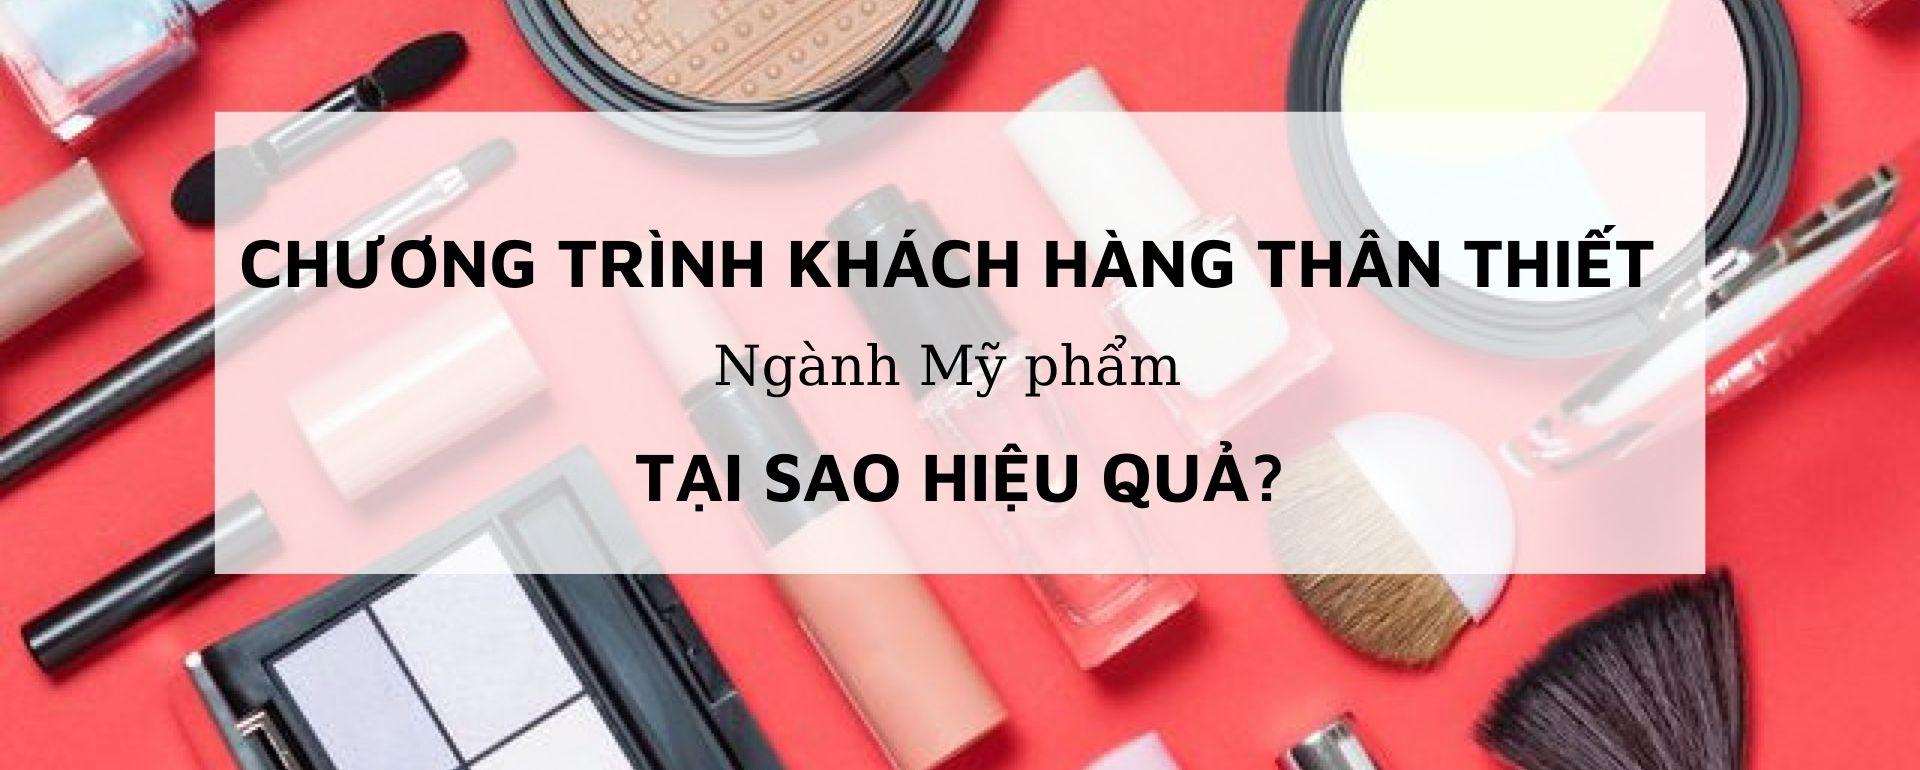 chuong trinh khach hang than thiet